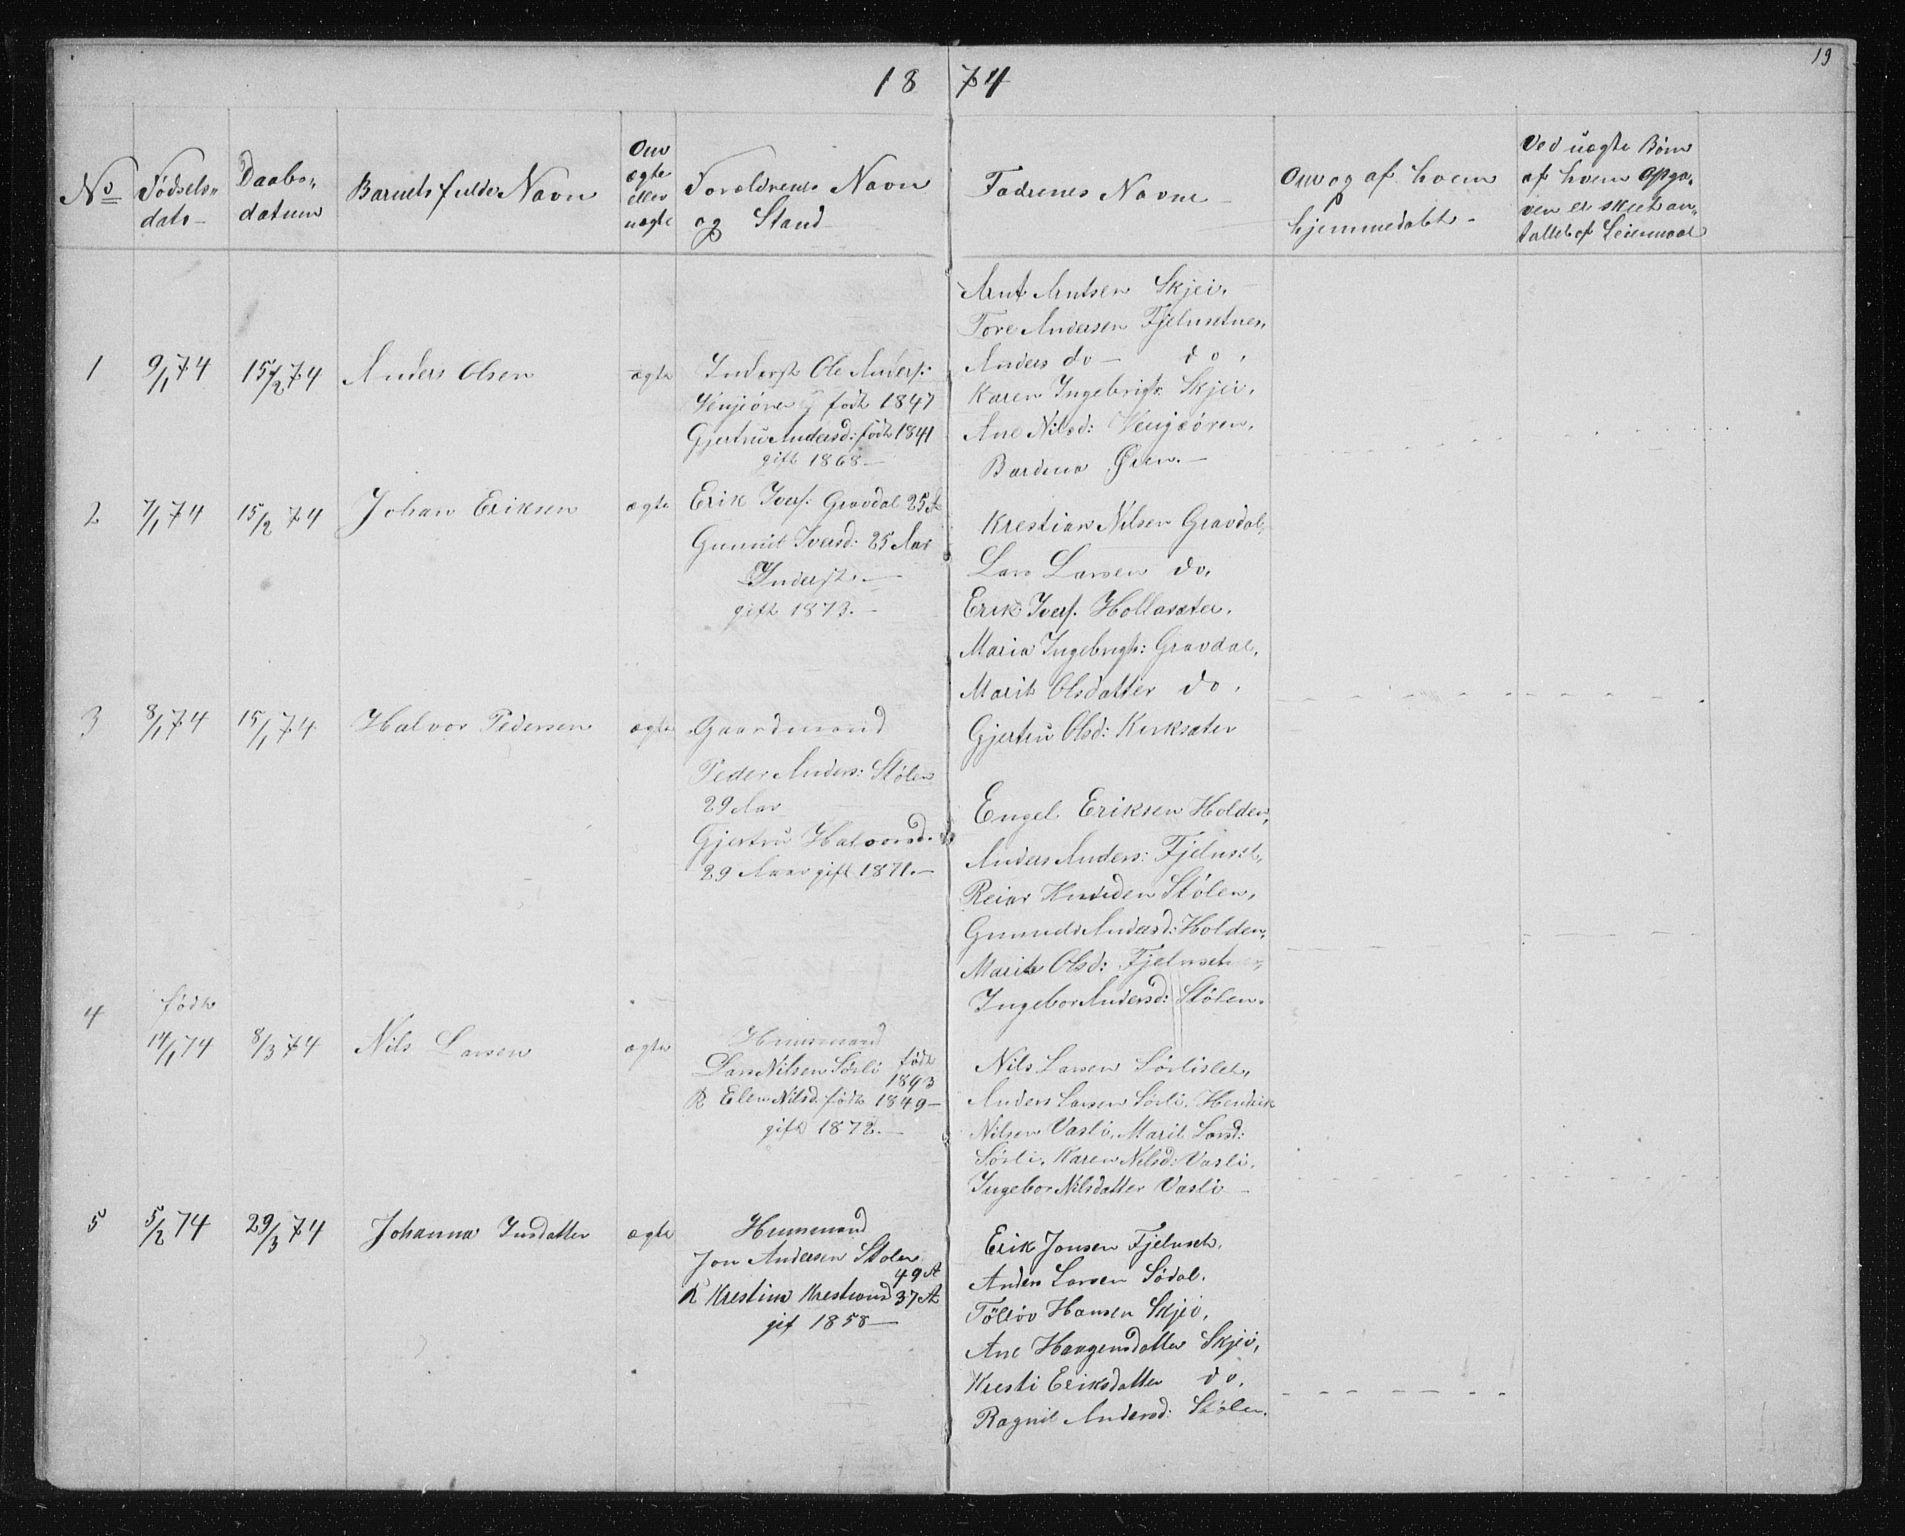 SAT, Ministerialprotokoller, klokkerbøker og fødselsregistre - Sør-Trøndelag, 631/L0513: Klokkerbok nr. 631C01, 1869-1879, s. 19